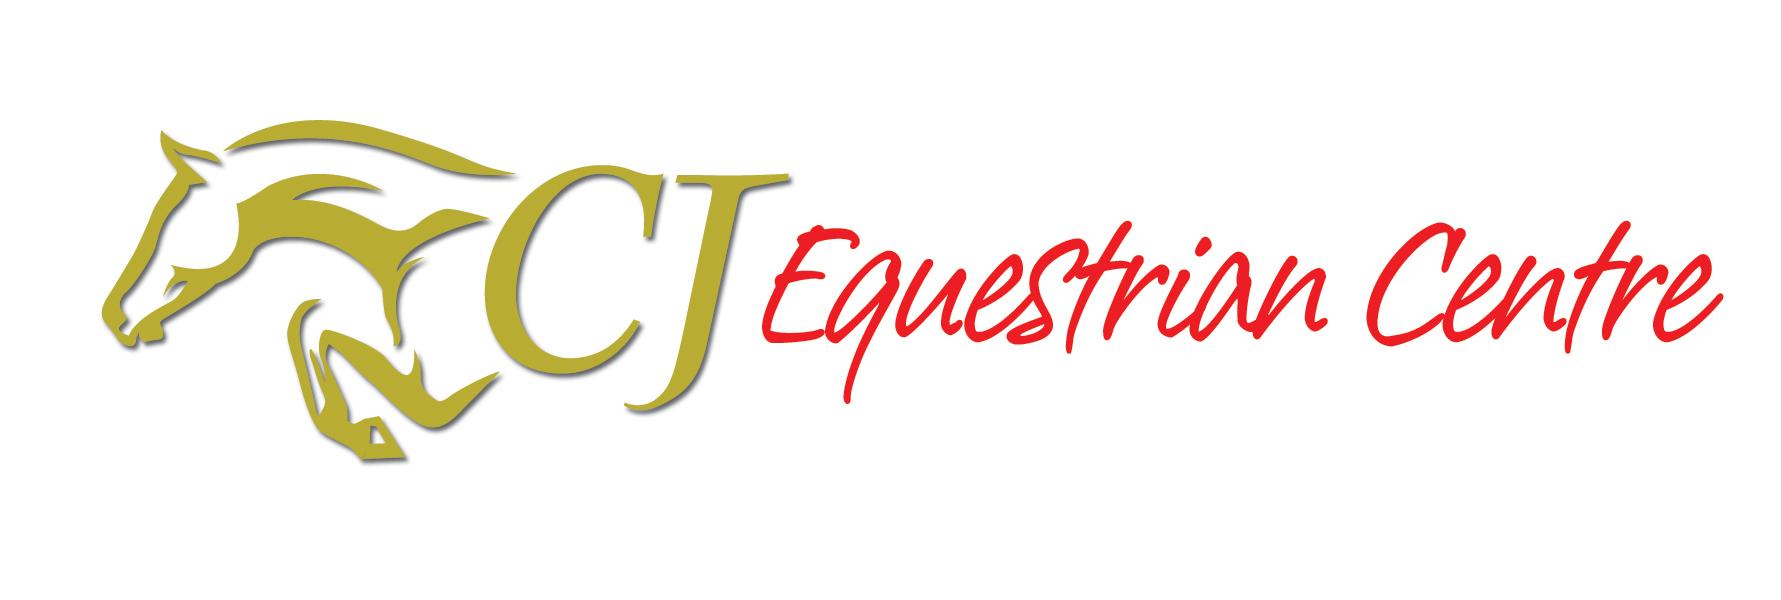 CJ Equestrian Centre